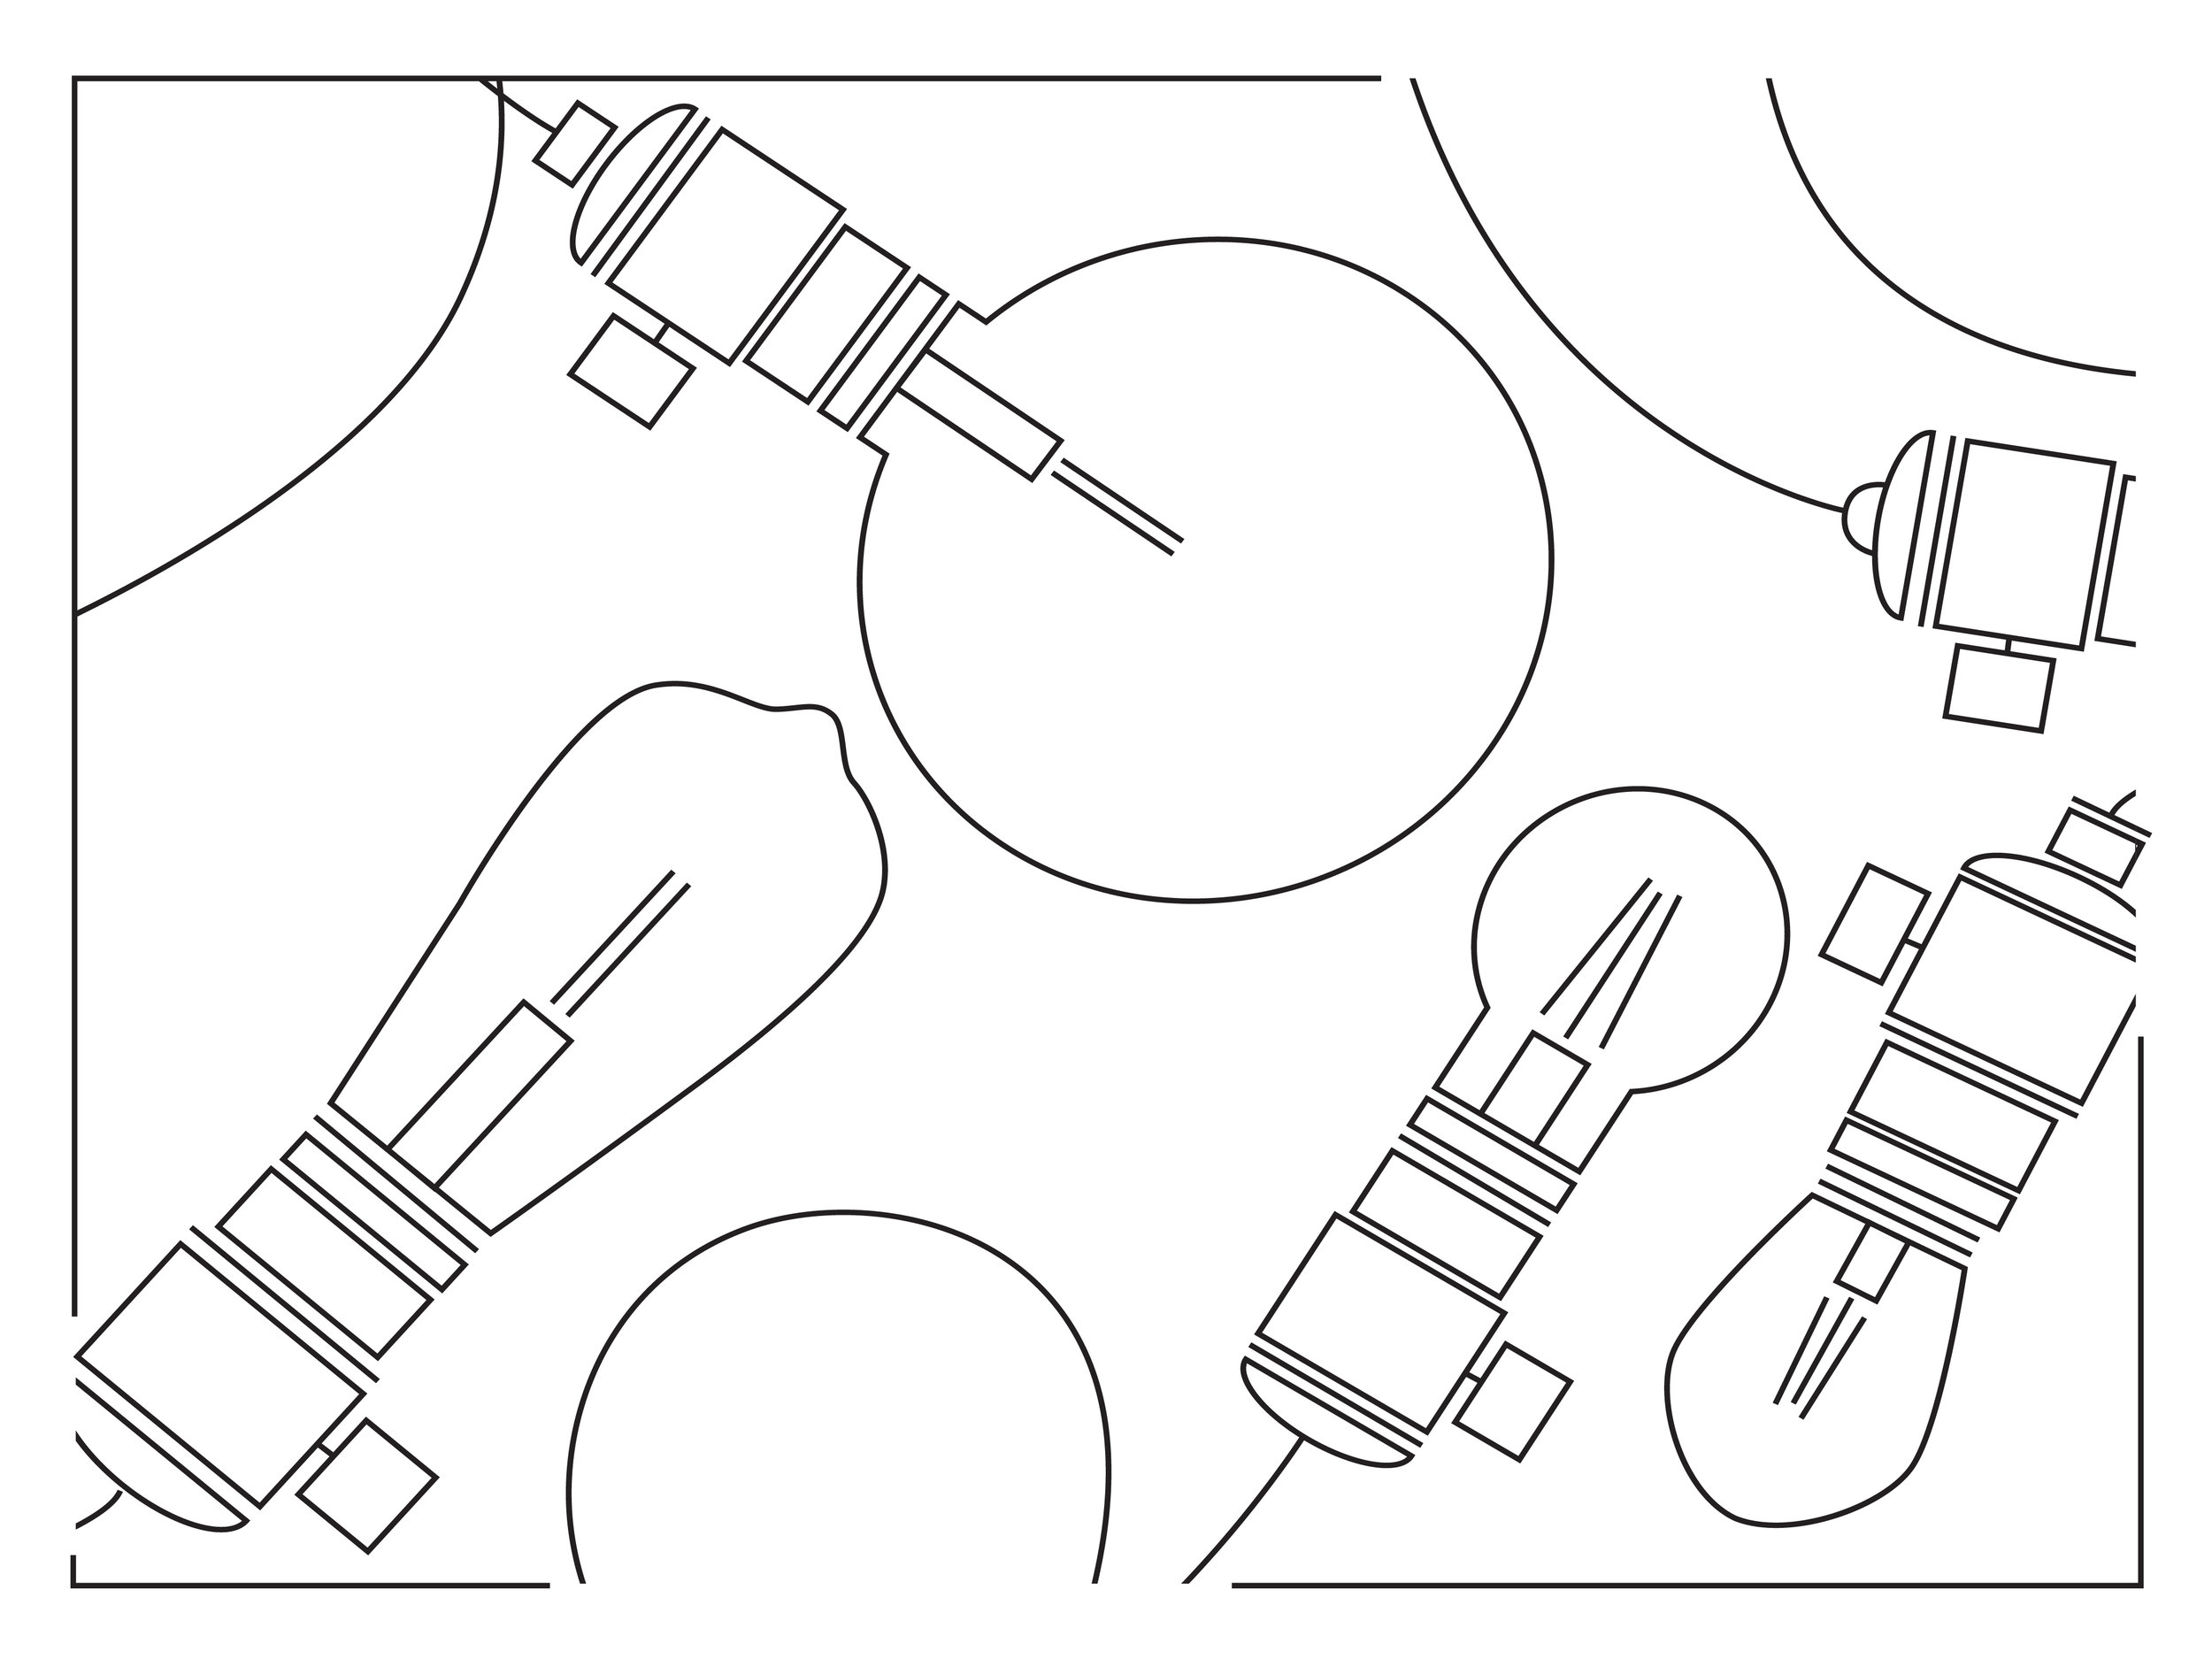 Rejuvenation-Illustrations-06.jpg